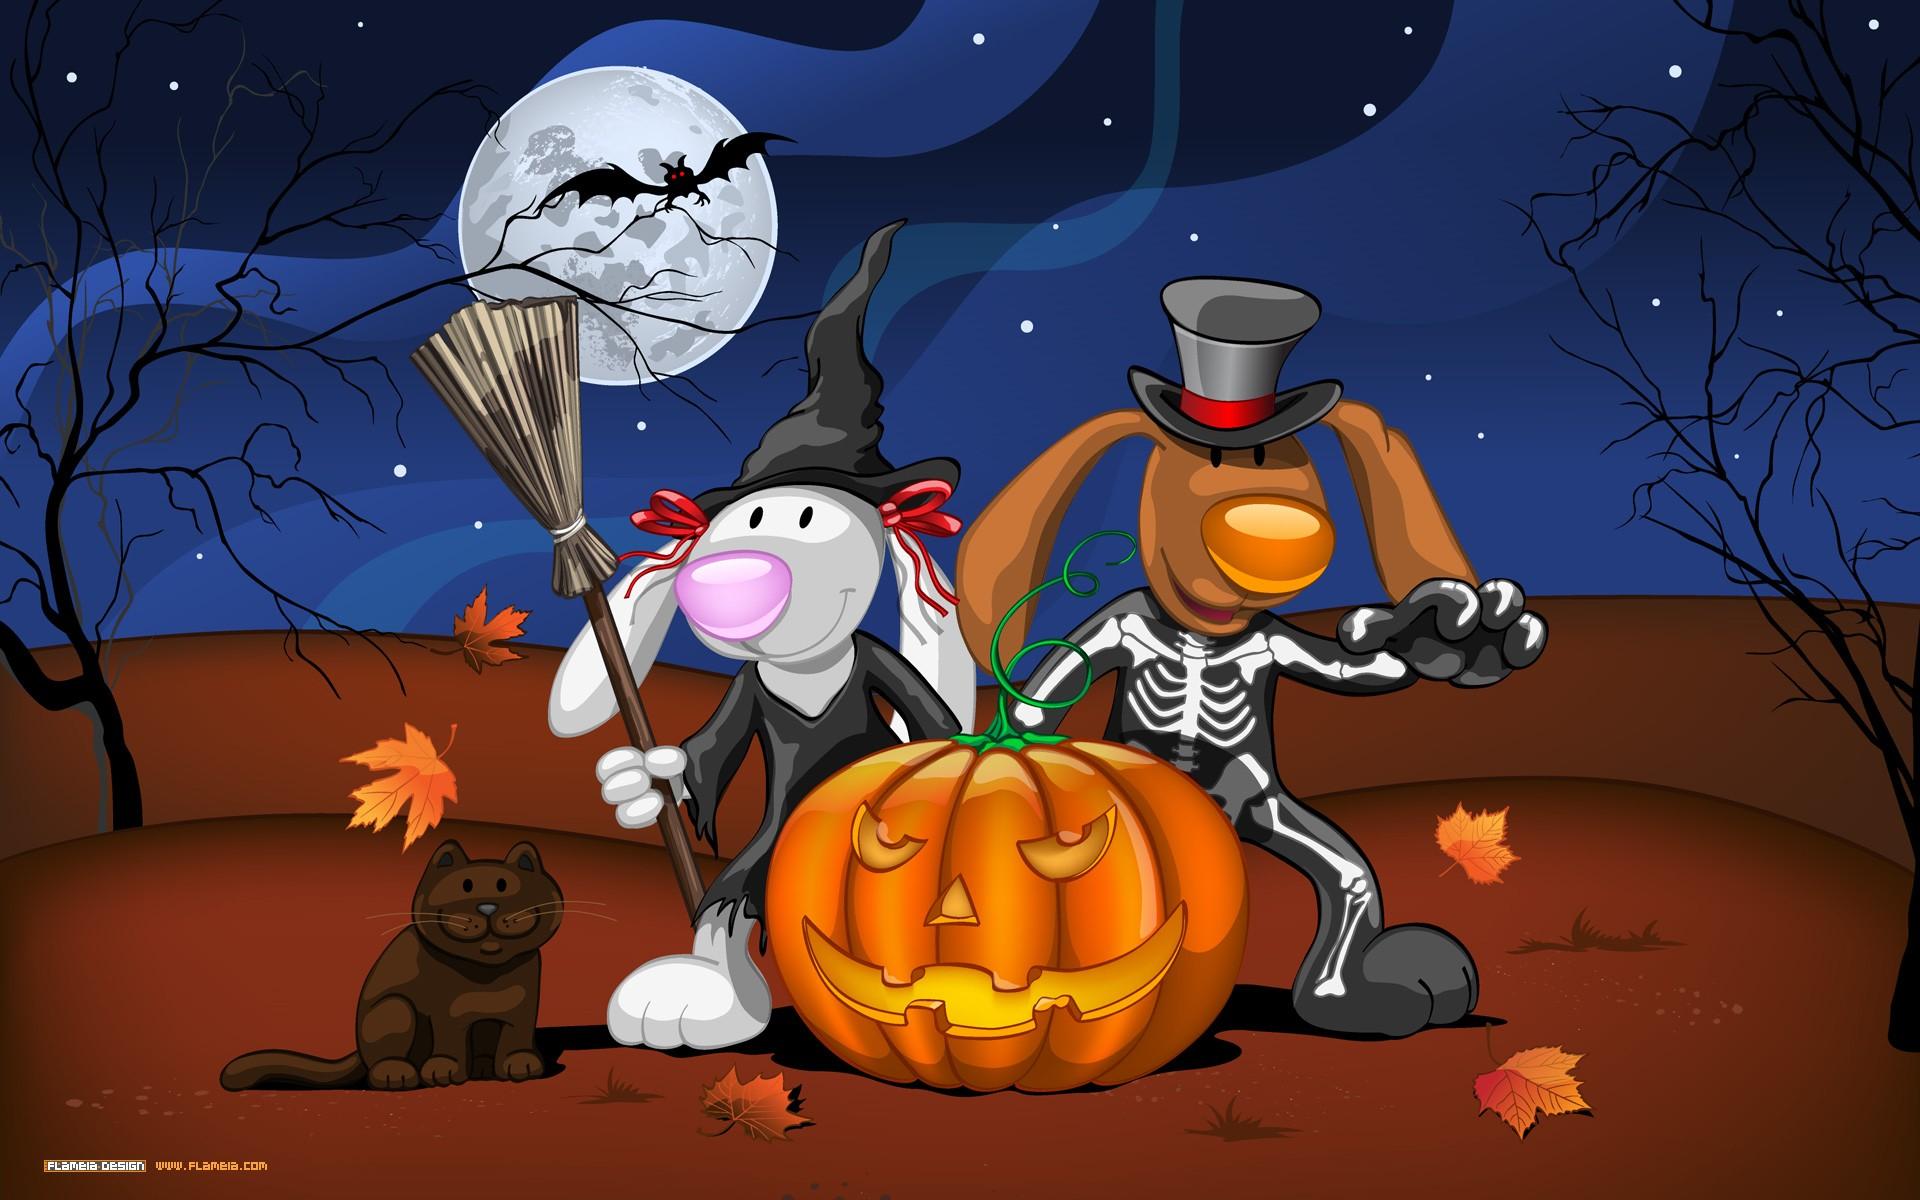 Dibujos y disfraces de halloween - 1920x1200